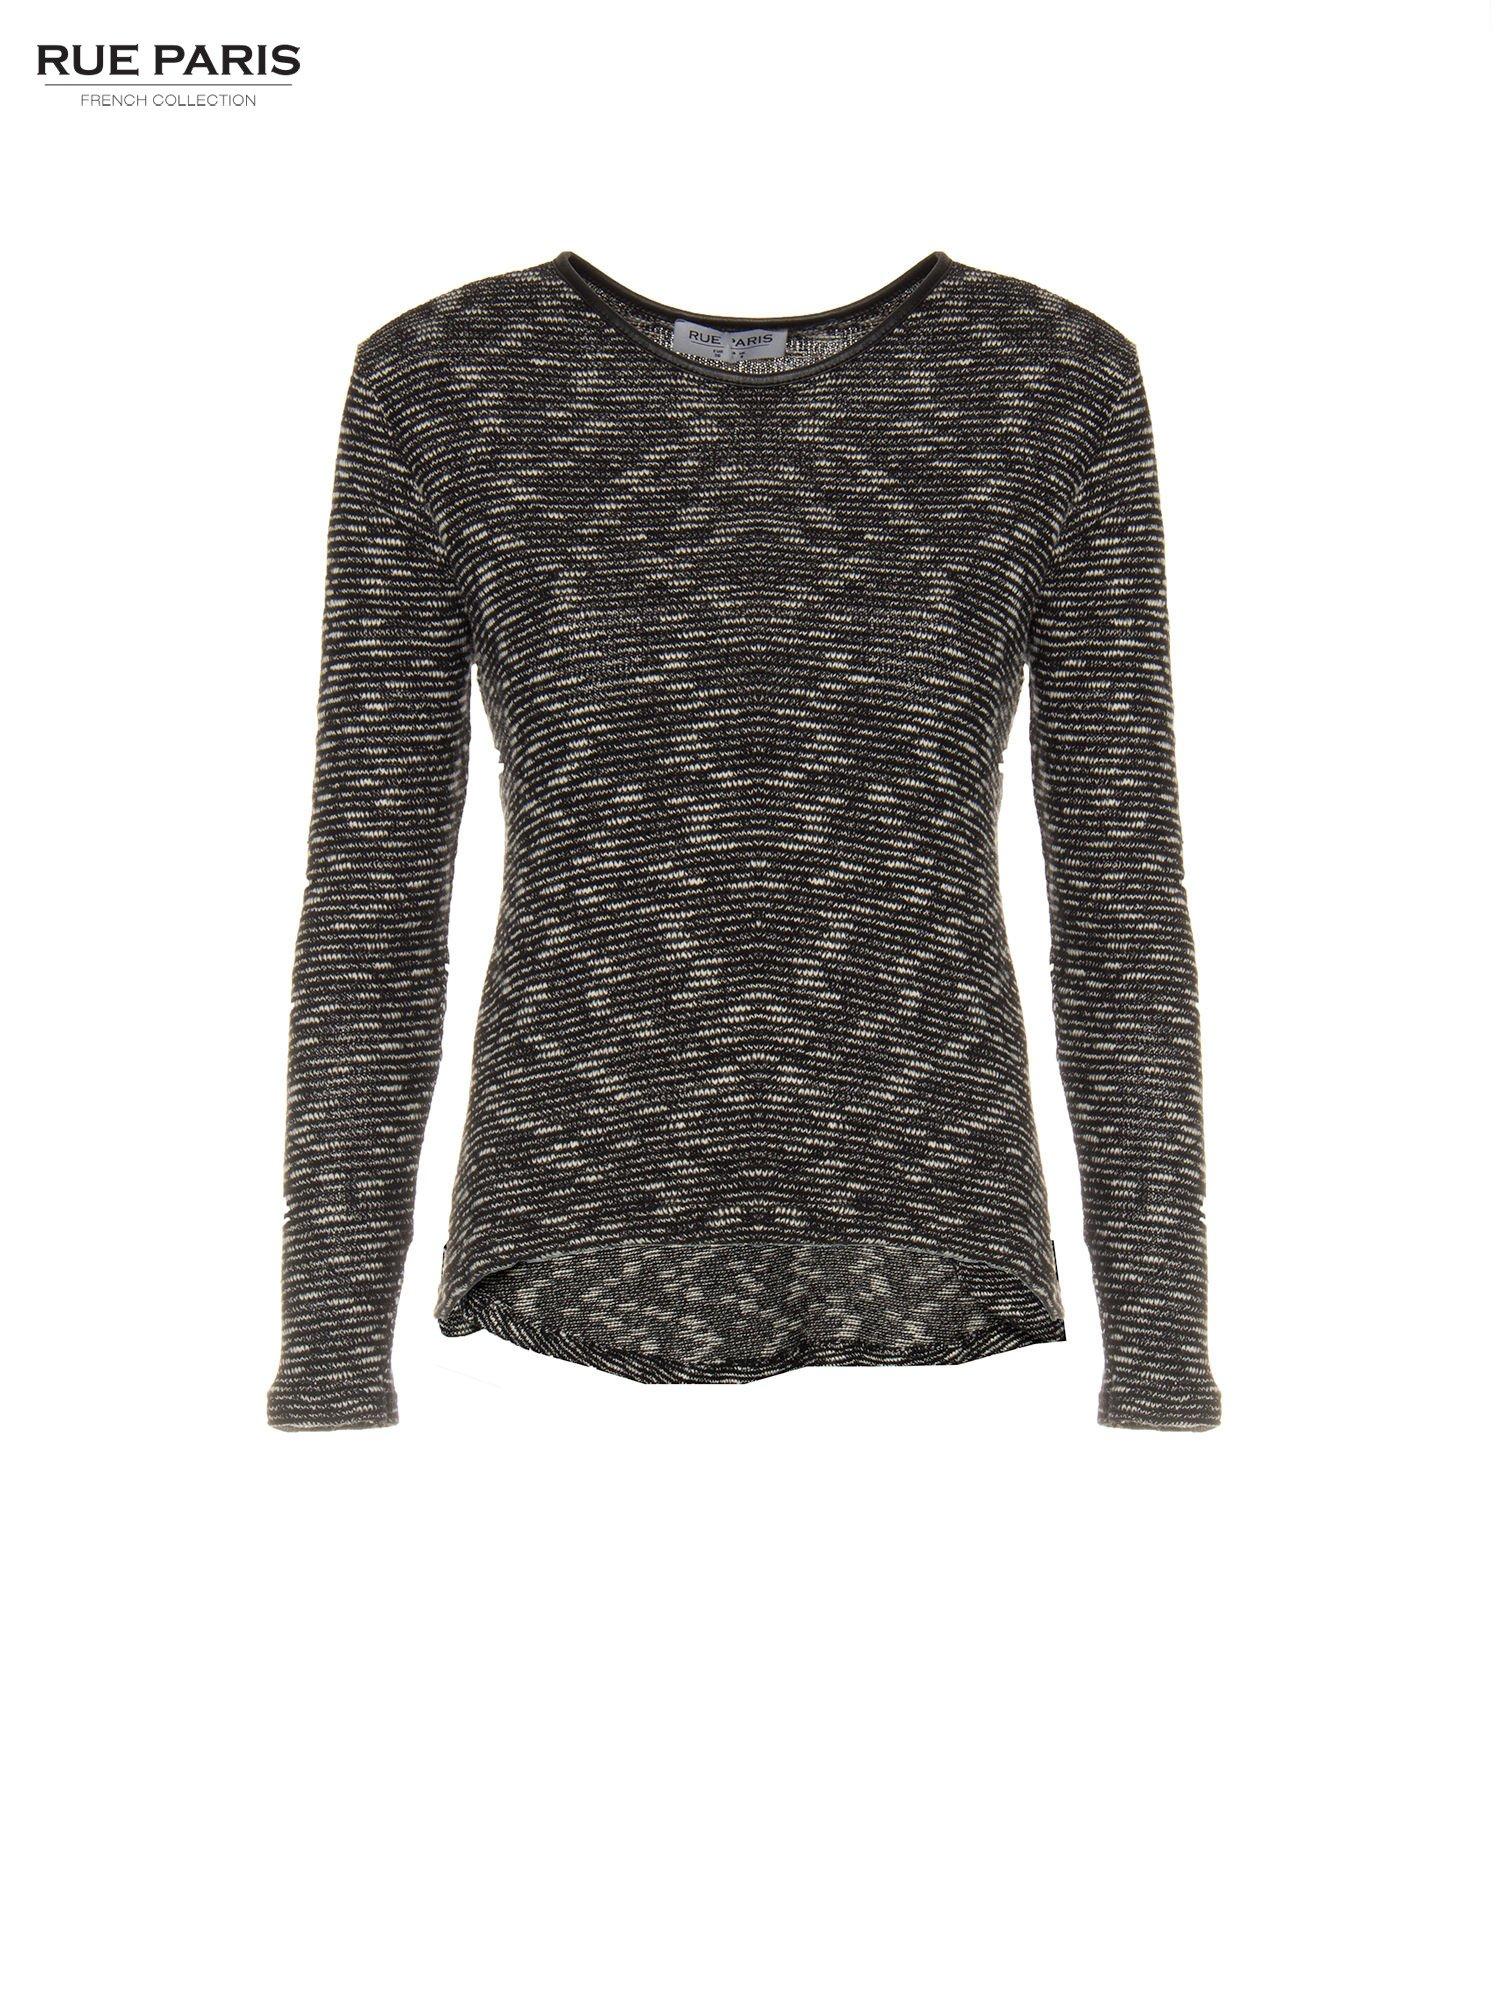 Czarny melanżowy sweter ze skórzaną lamówką przy dekolcie                                  zdj.                                  5